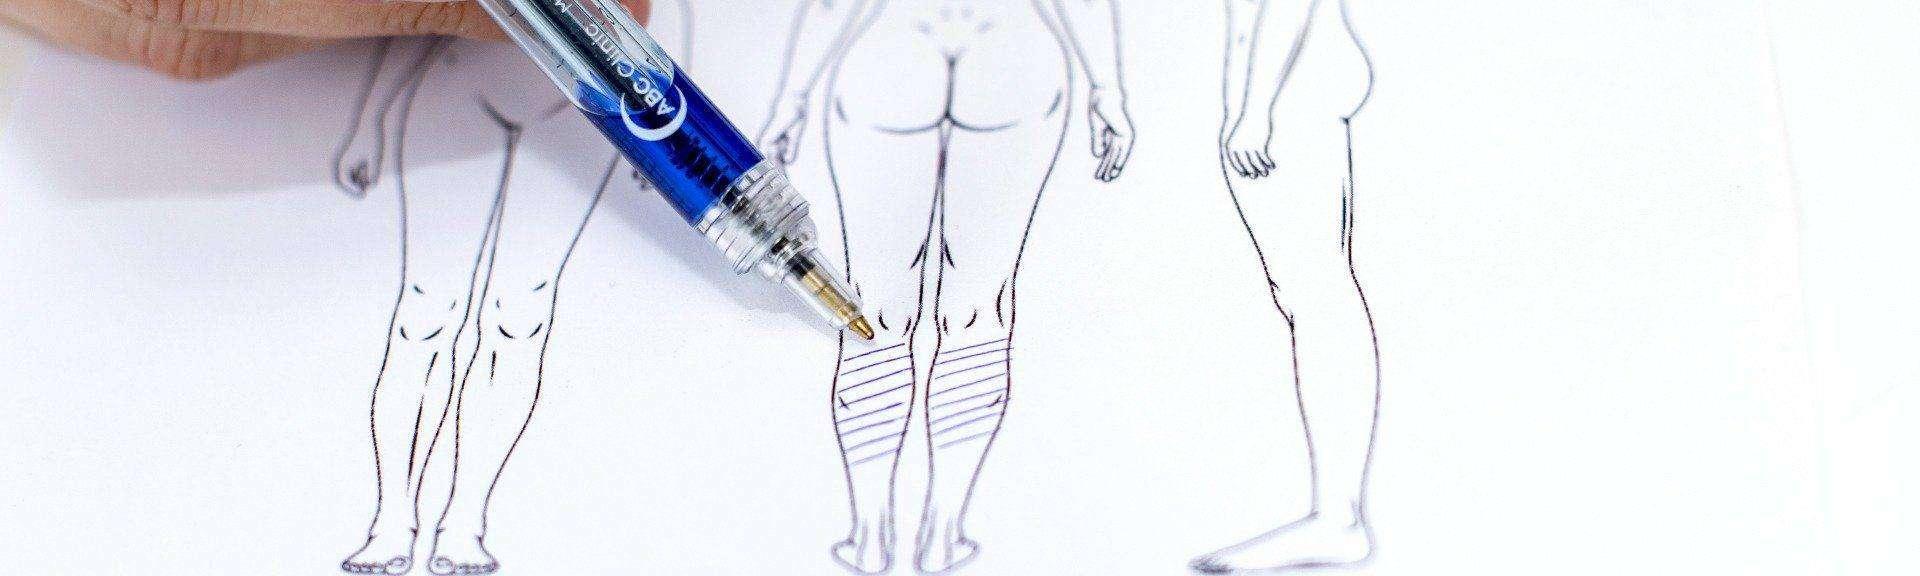 behandelingen - Liposuctie - kuiten